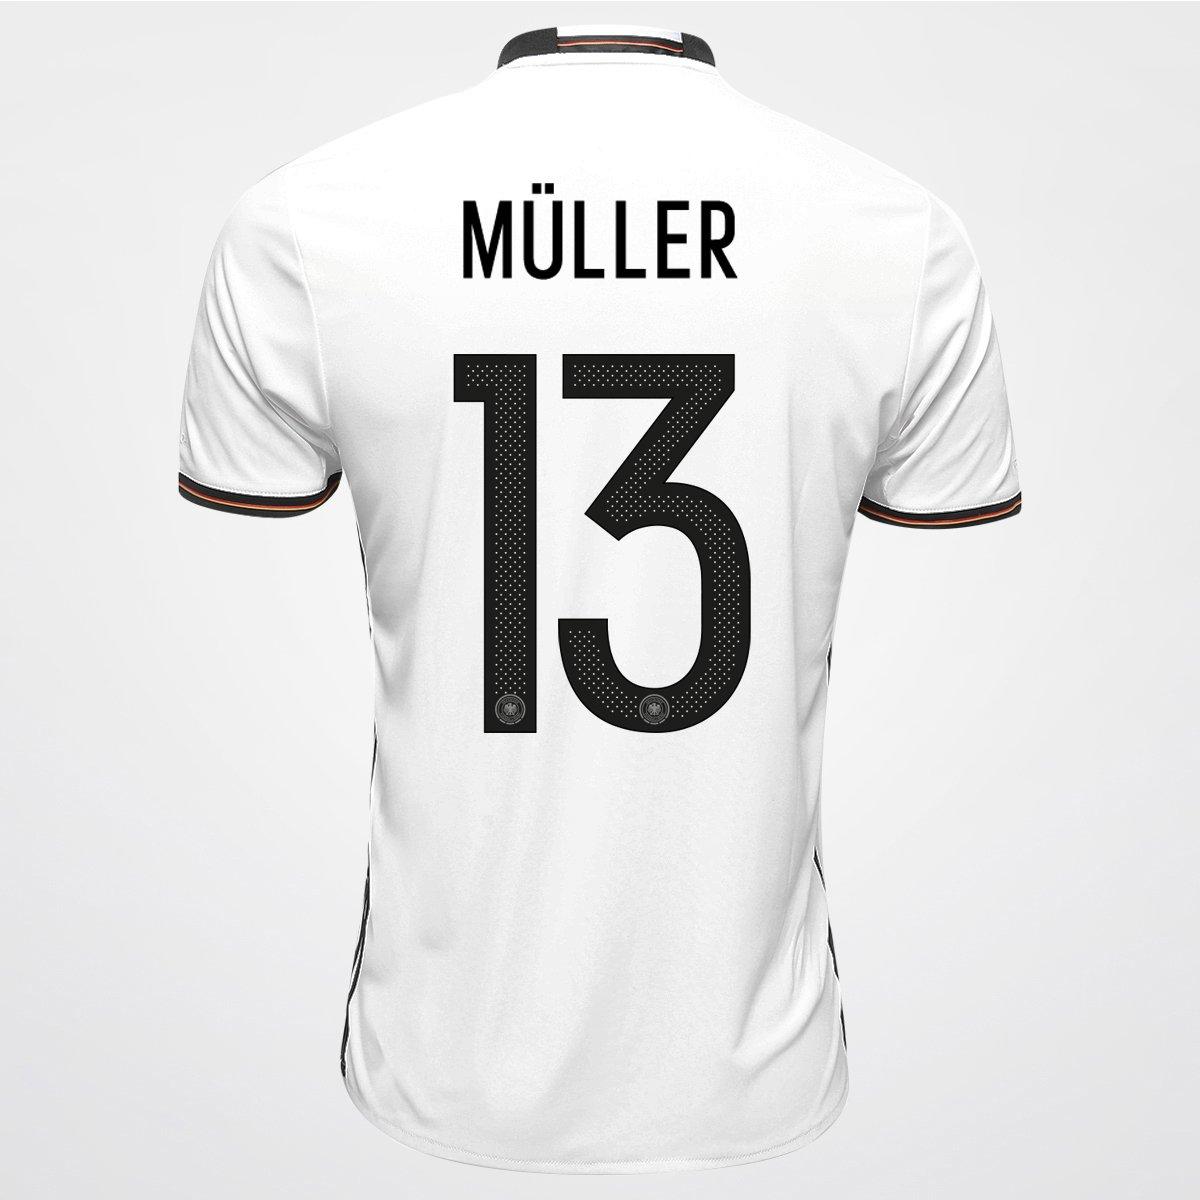 dad191c257 Camisa Adidas Seleção Alemanha Home 2016 nº 13 - Müller - Compre Agora